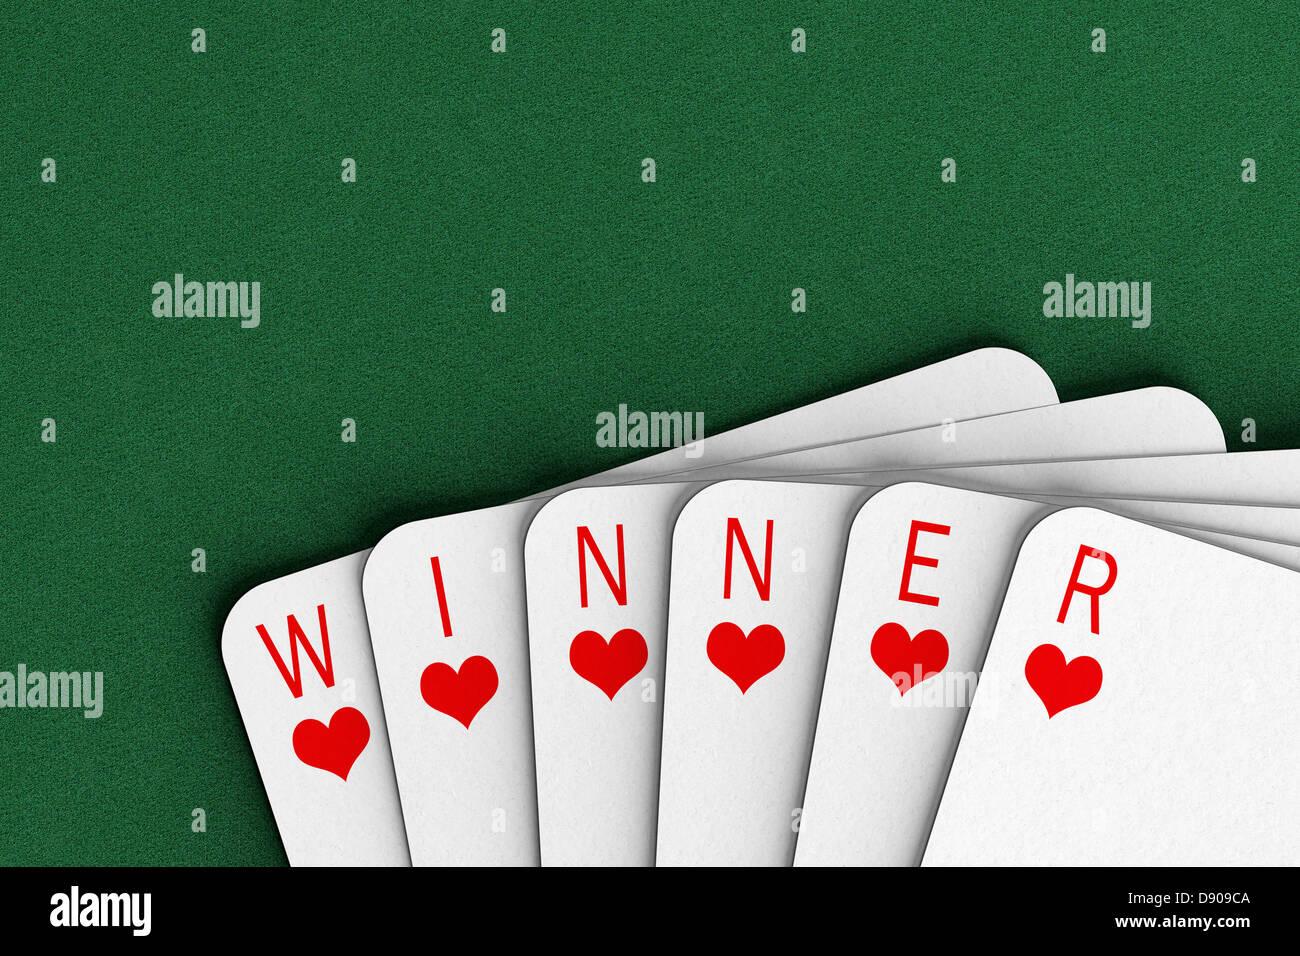 Spielkarten auf einen Filz Tabelle buchstabieren des Wort-Gewinner Stockbild